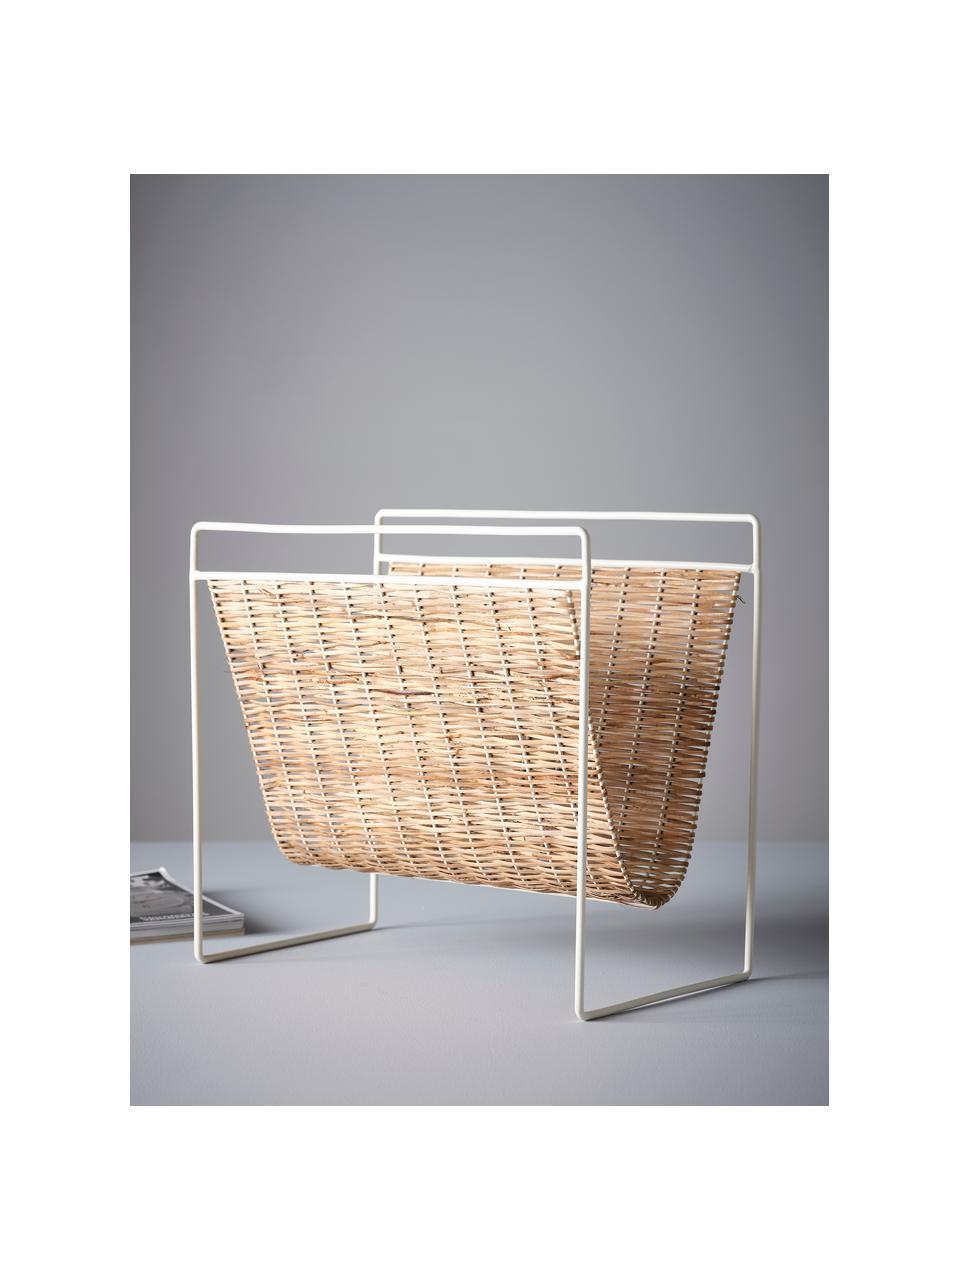 Zeitschriftenhalter Drake, Ablage: Rattan, Gestell: Metall, beschichtet, Beige, Weiß, 45 x 41 cm